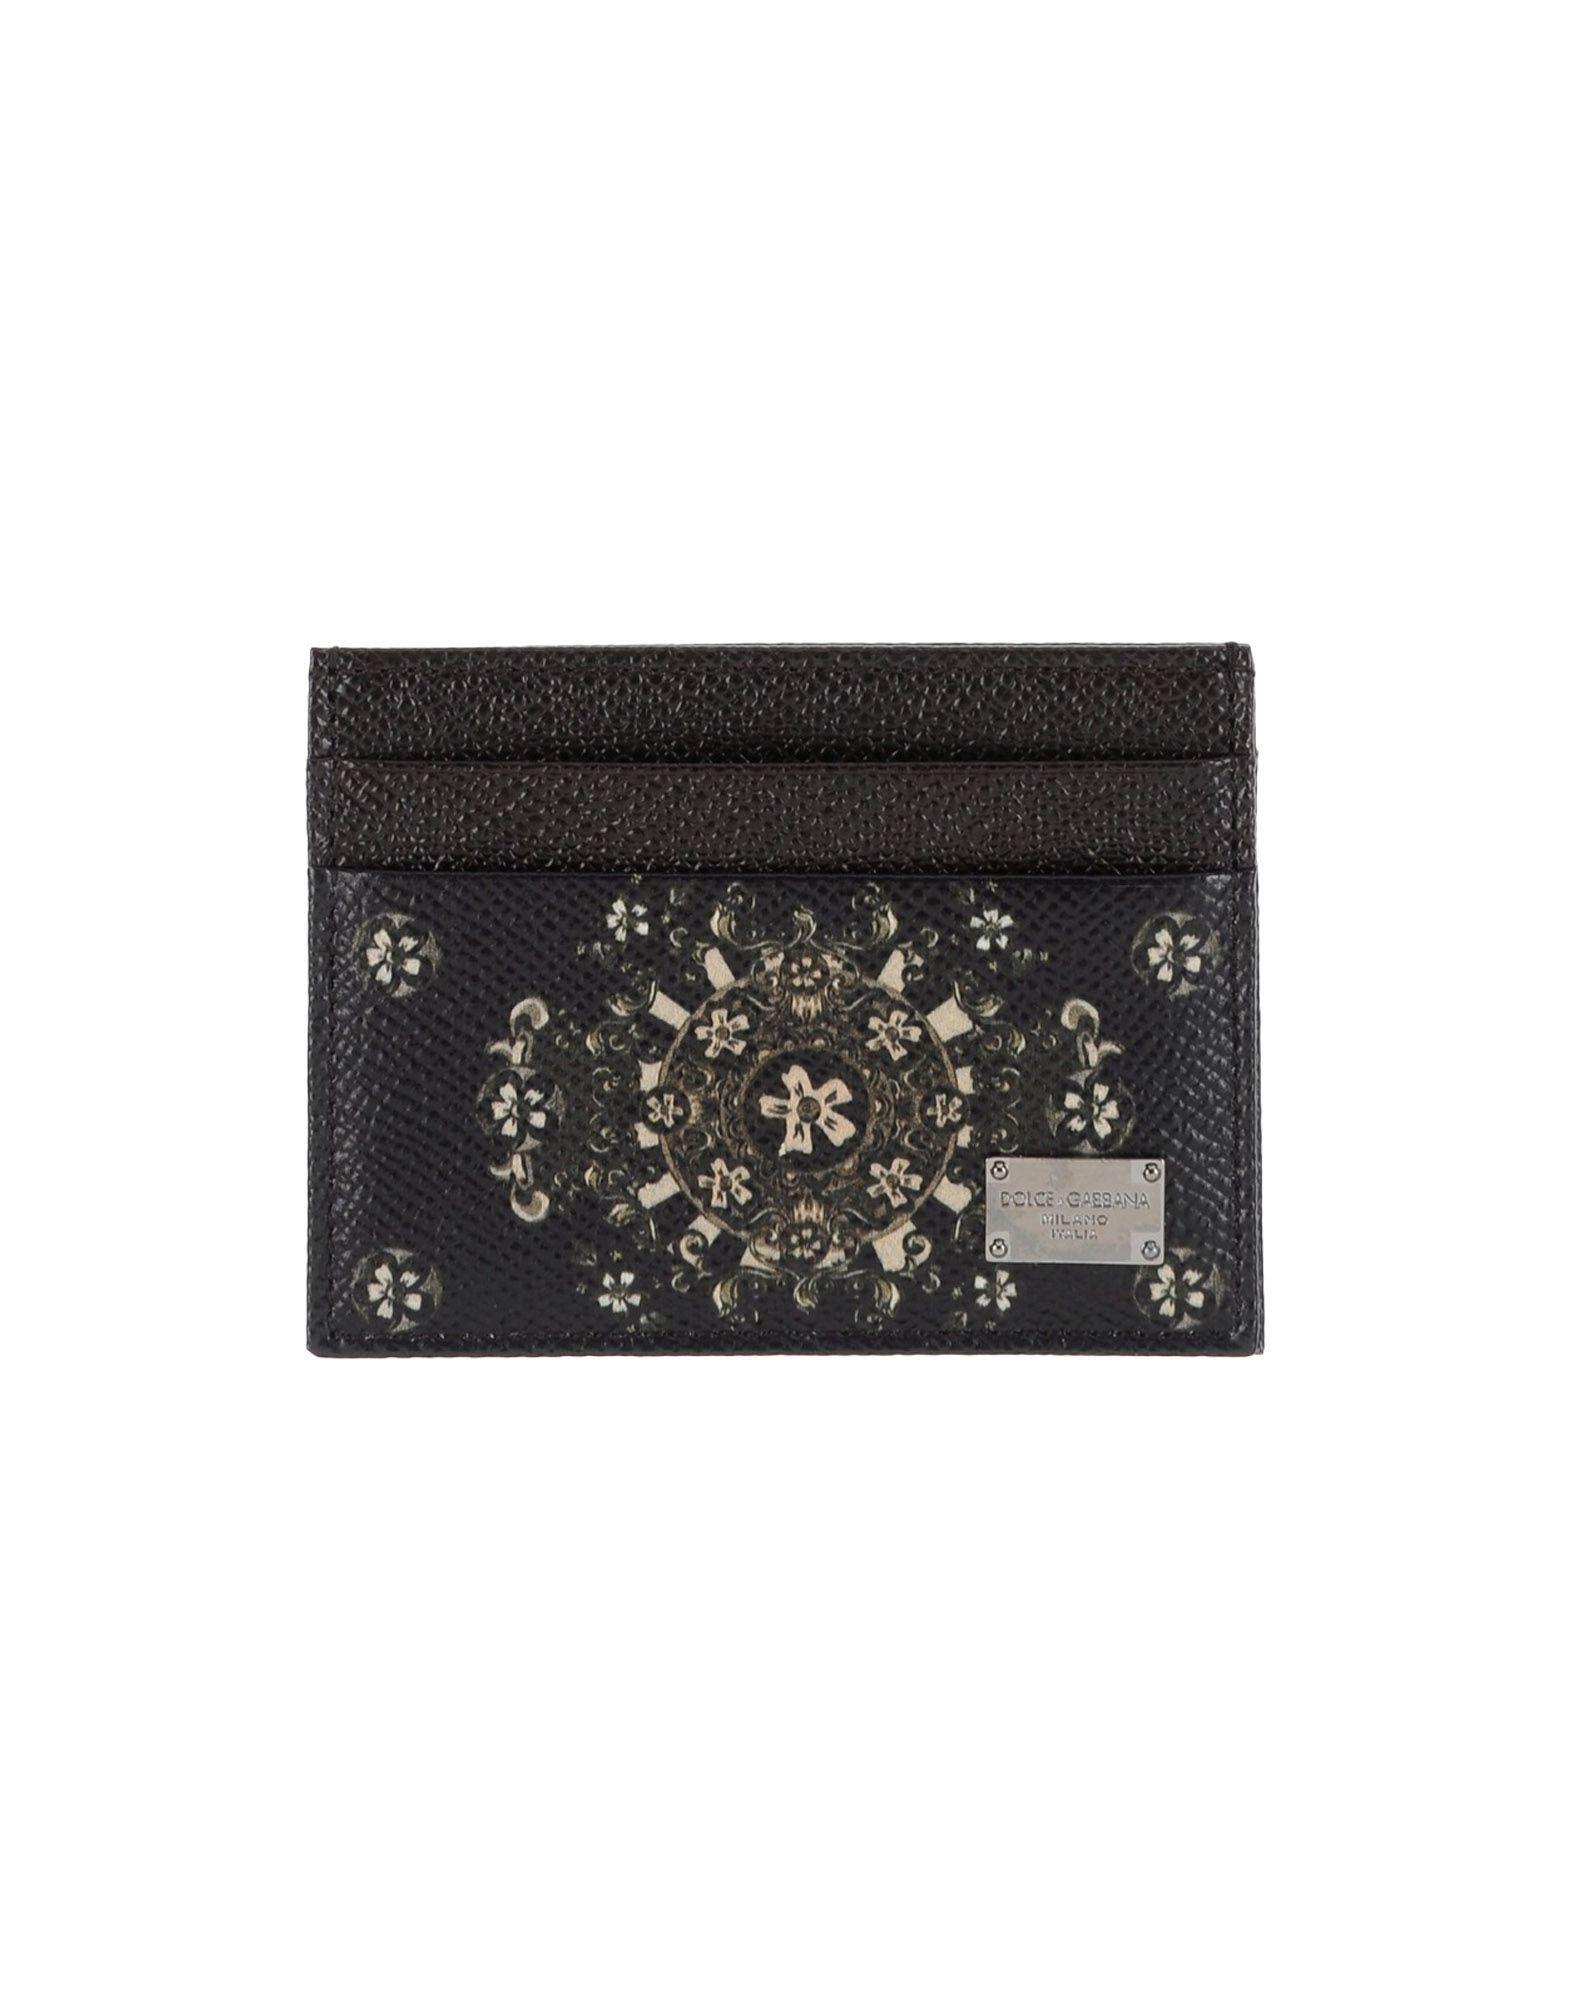 Pequeños Artículos De Cuero - Portadocumentos De Dolce & Gabbana a80pT4p